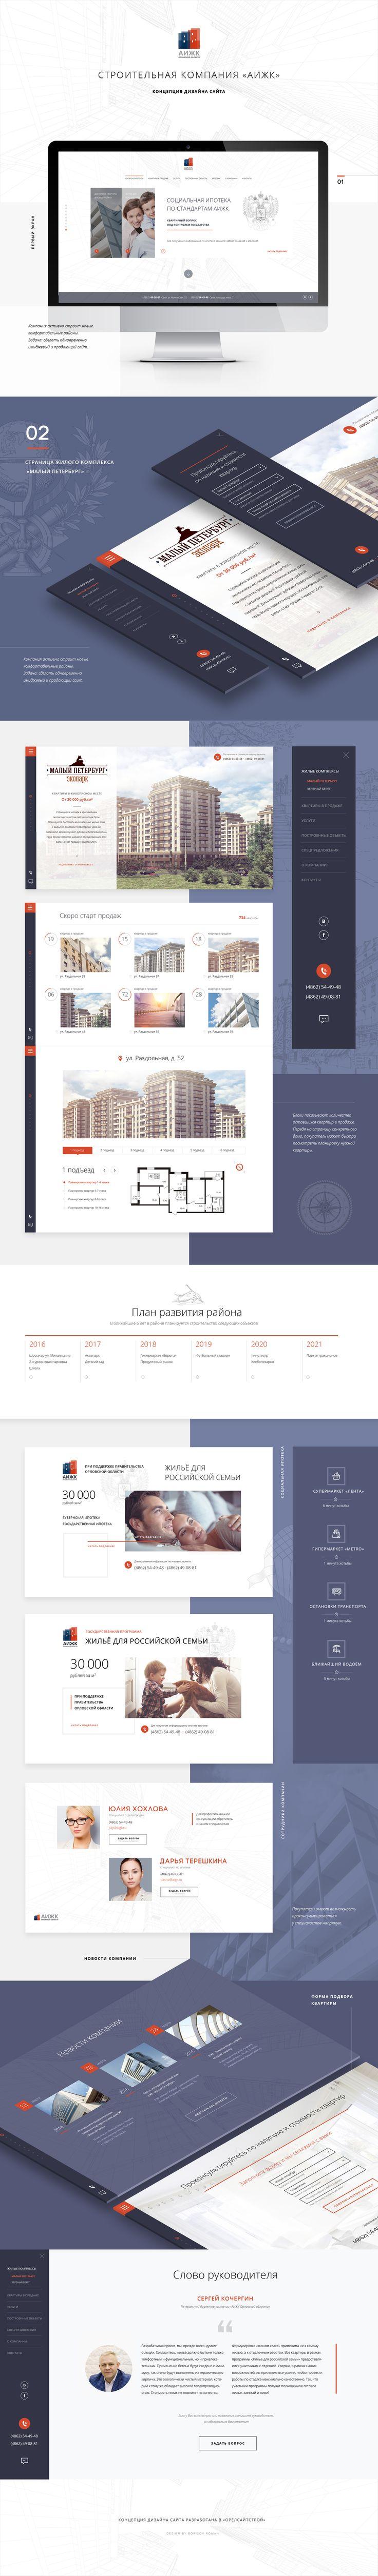 Ознакомьтесь с моим проектом в @Behance: «Строительная компания «АИЖК»» https://www.behance.net/gallery/44008409/stroitelnaja-kompanija-aizhk